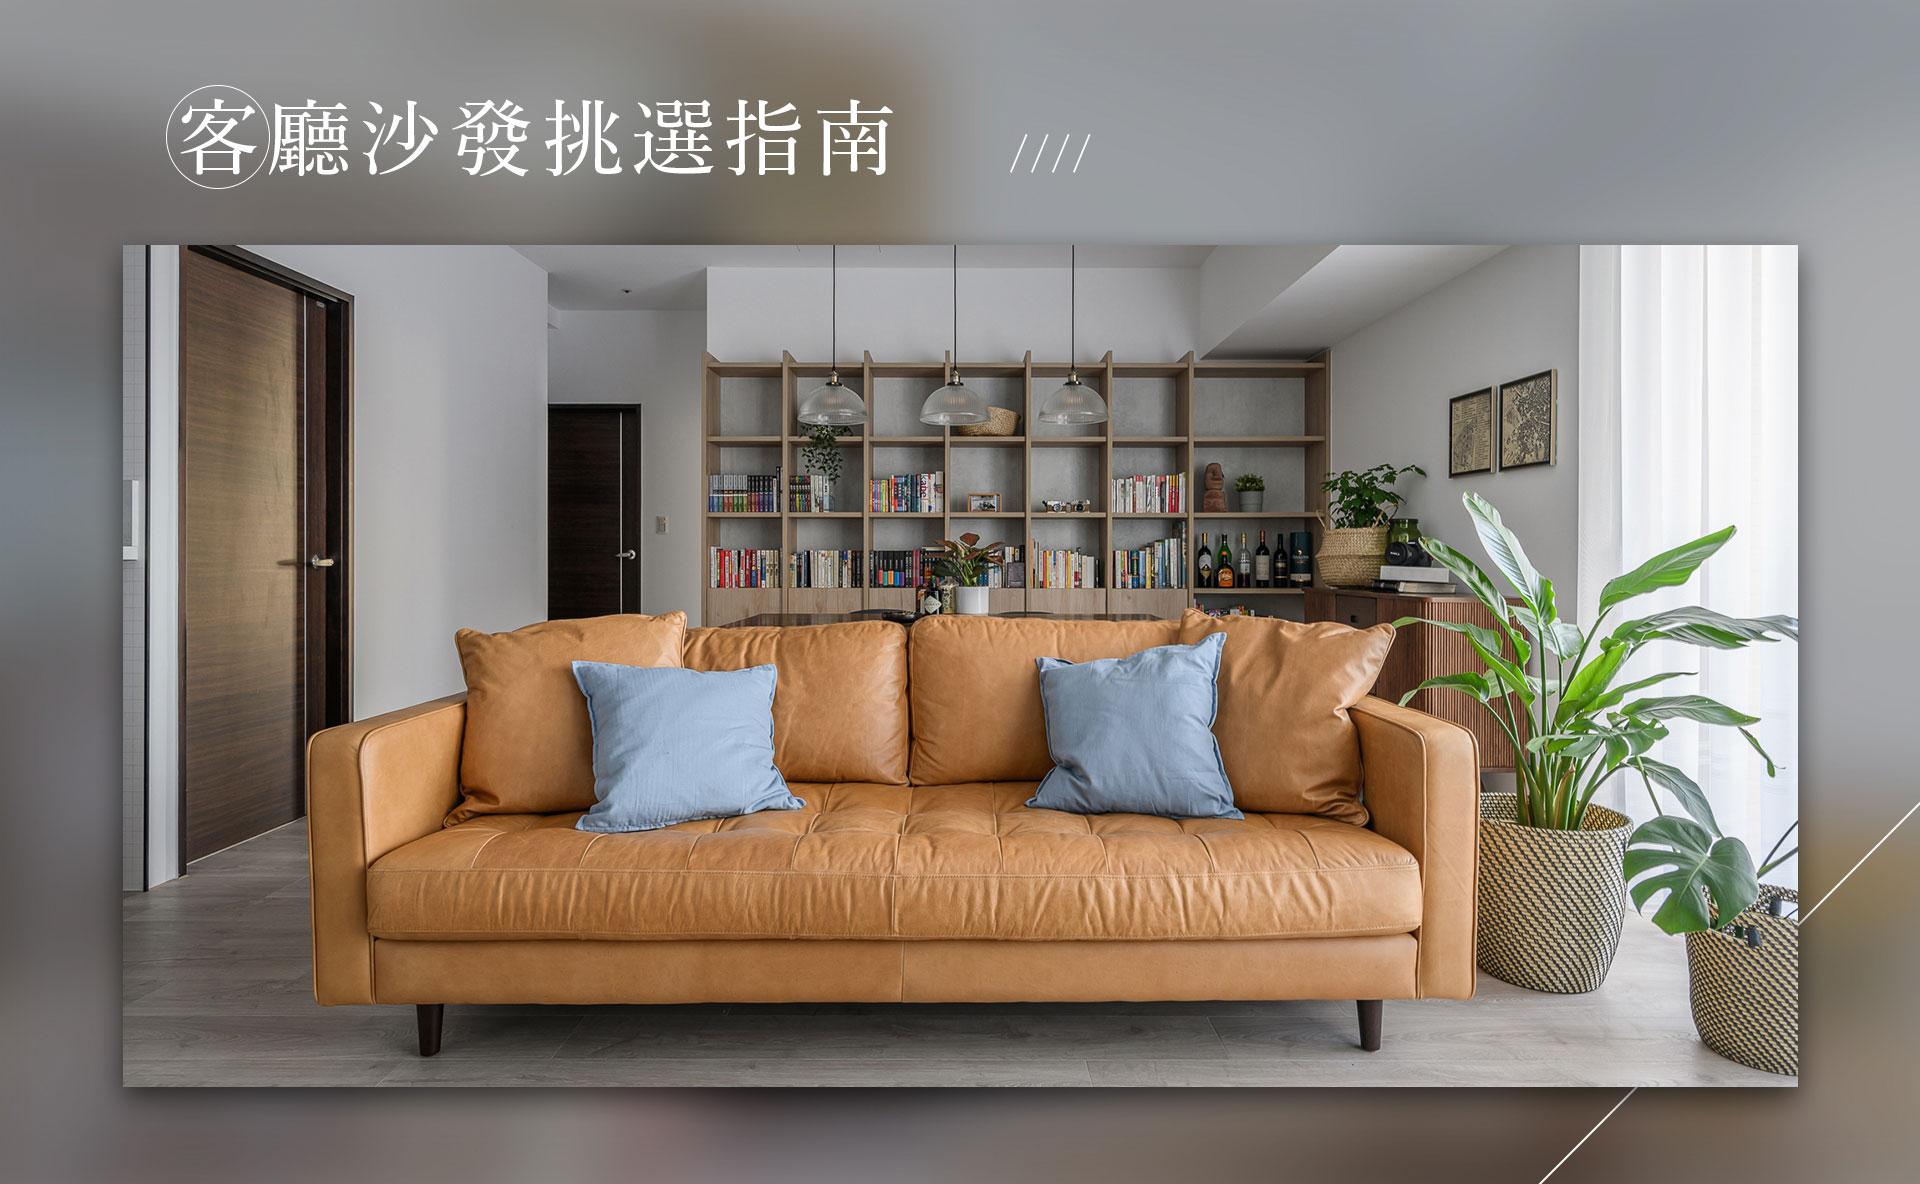 客廳沙發選購指南 3關鍵大公開,教你挑選適合的材質和款式